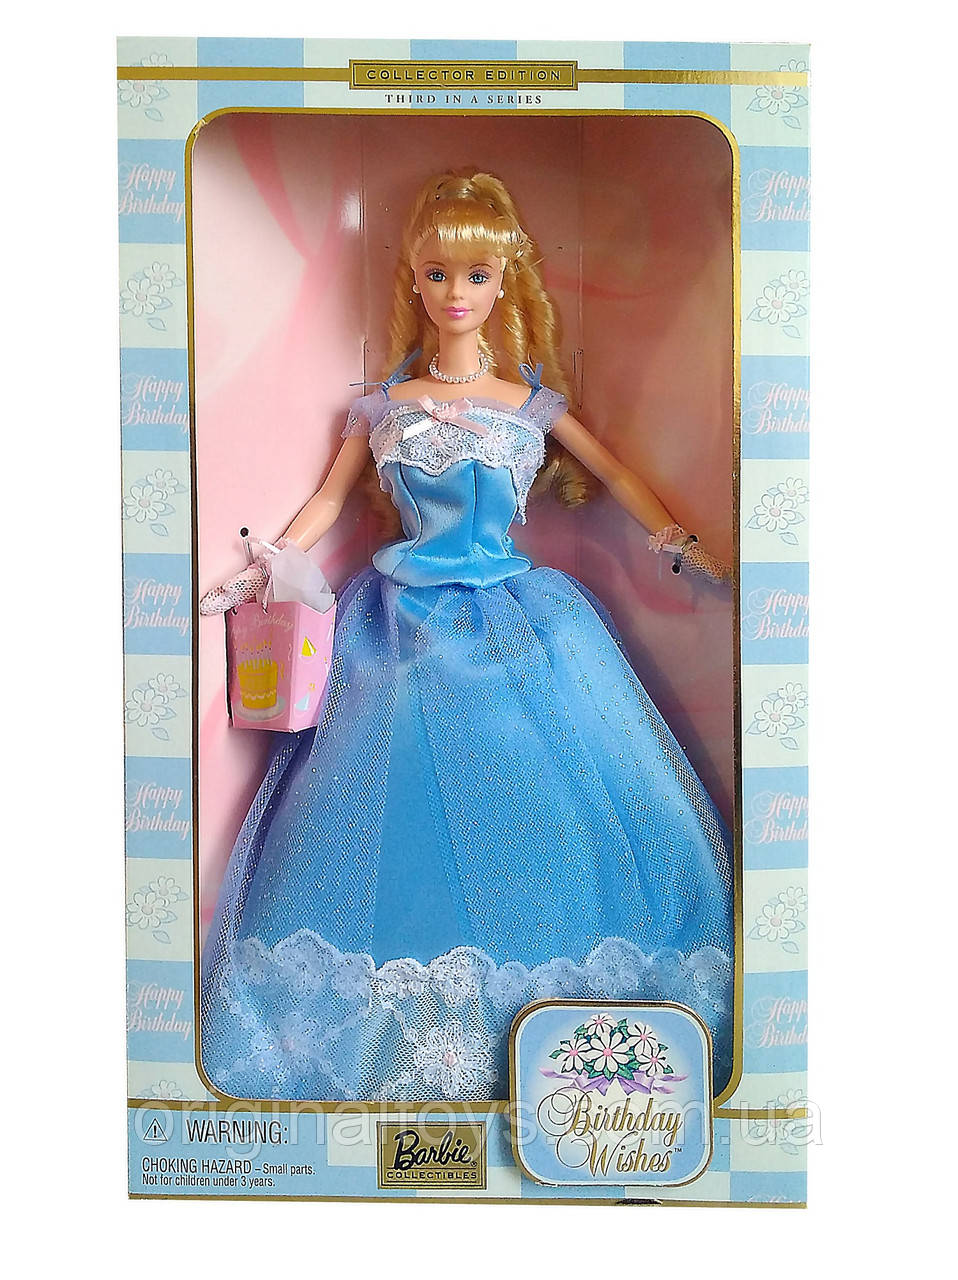 Коллекционная кукла Барби День Рождения Barbie Birthday Wishes 2000 Mattel 28434